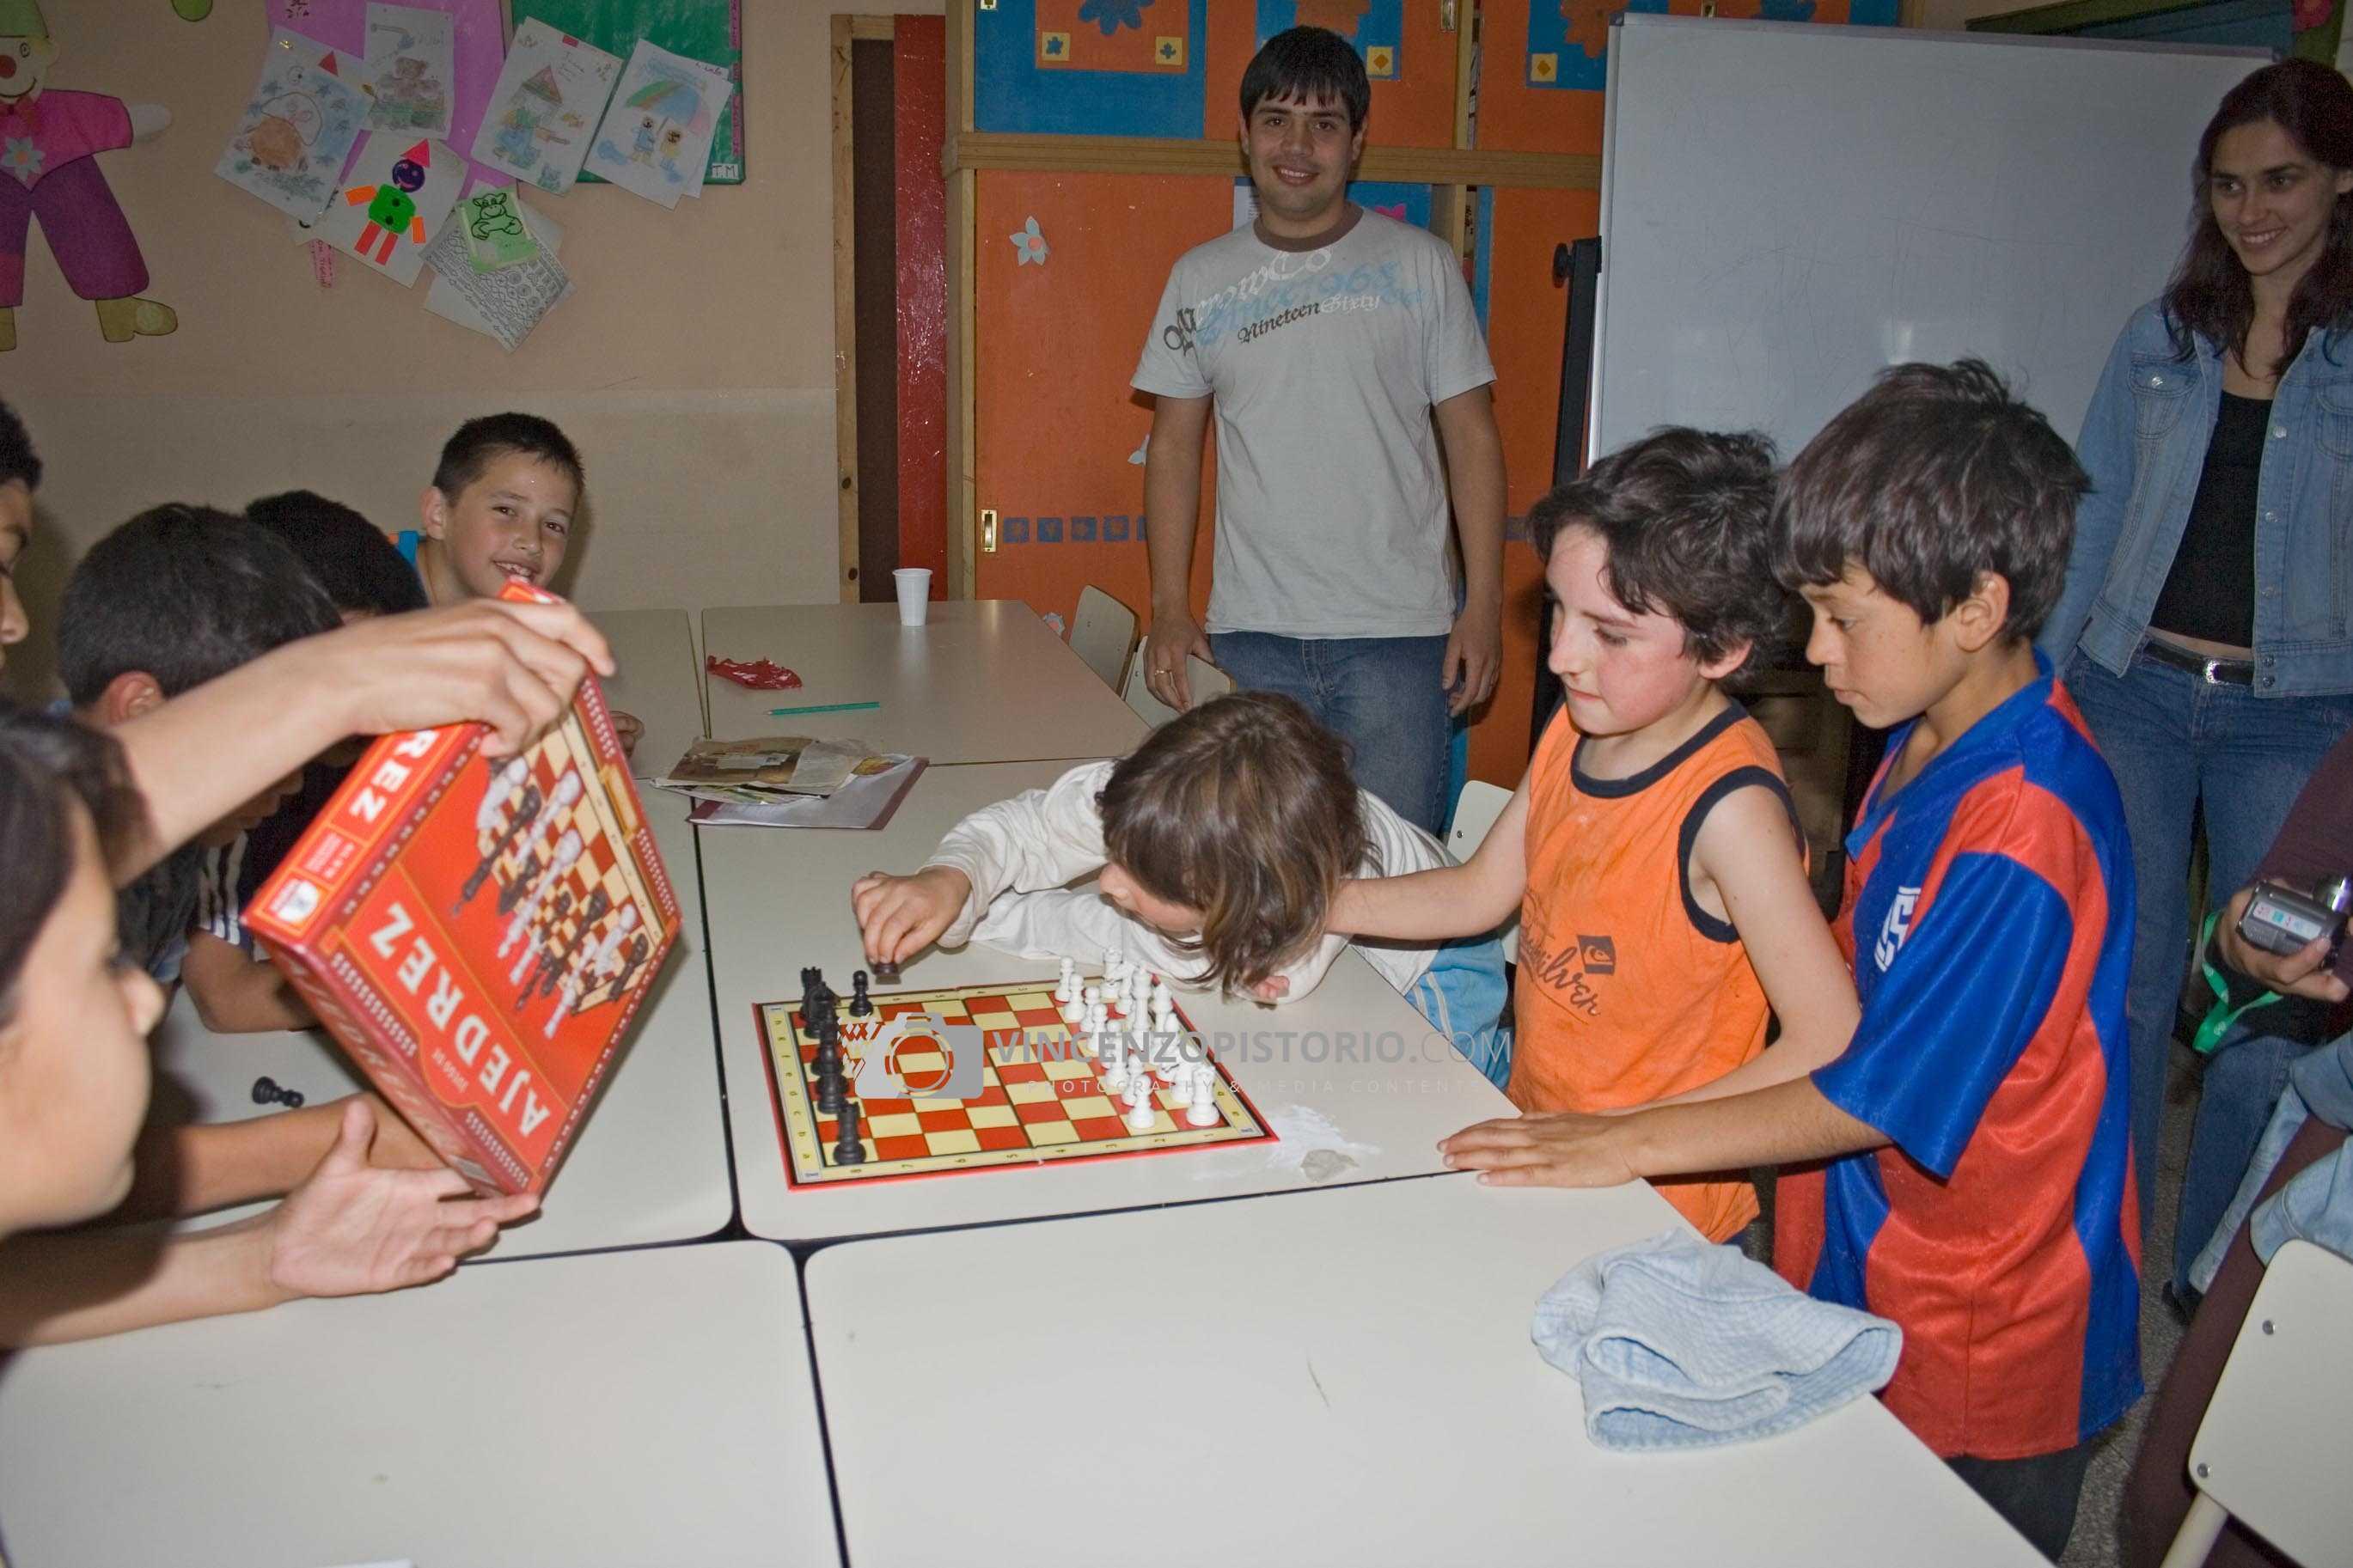 Guys playing chess